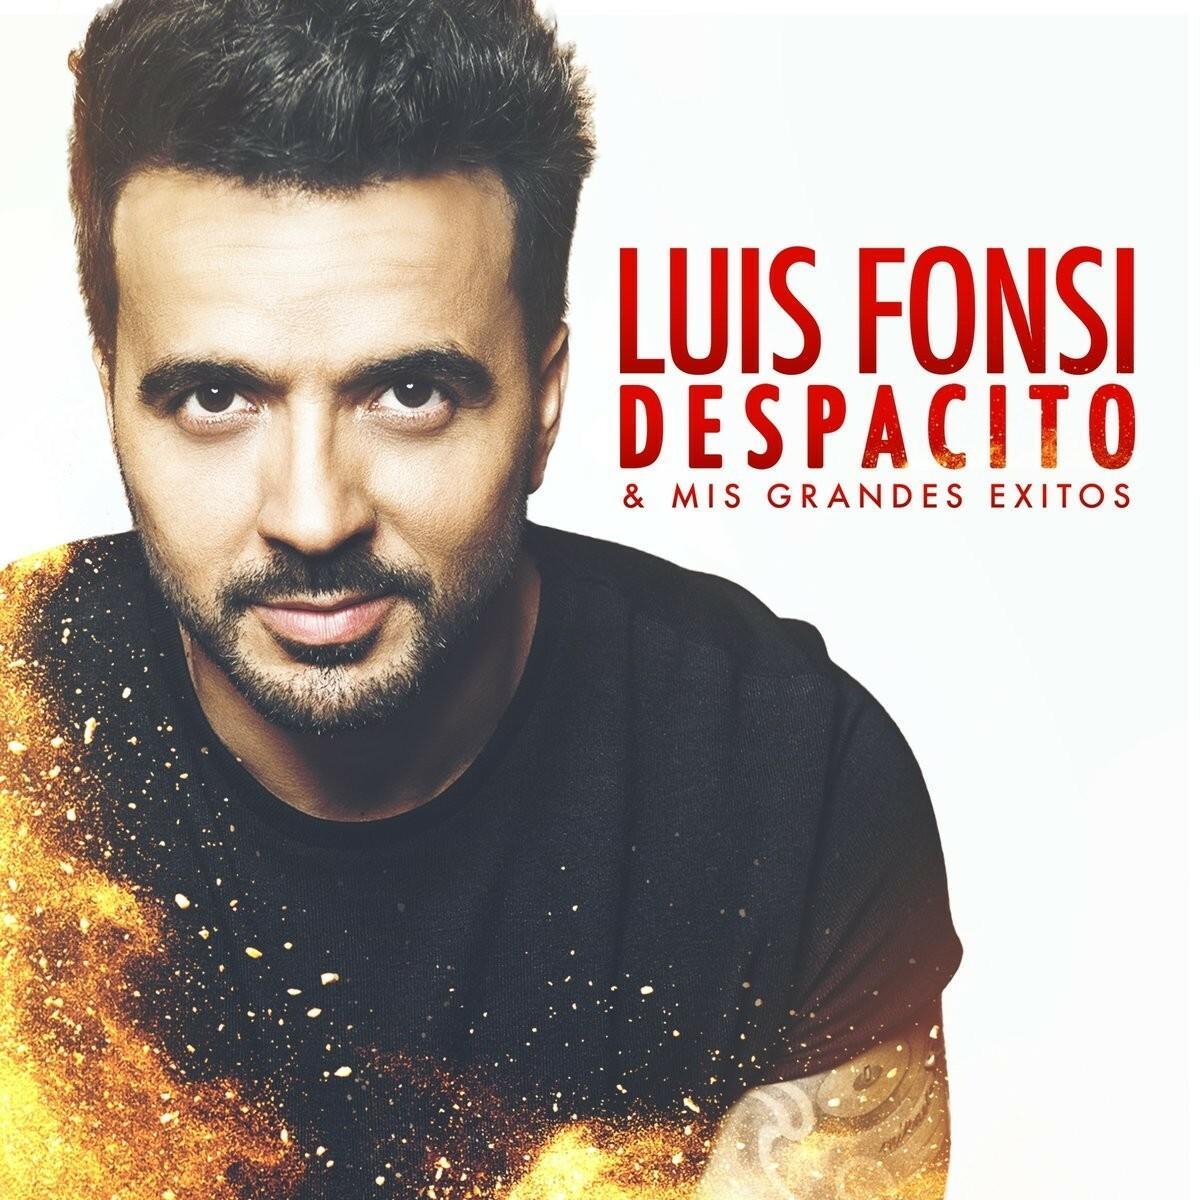 Despacito & Mis Grandes Exitos PL CD) Luis Fonsi